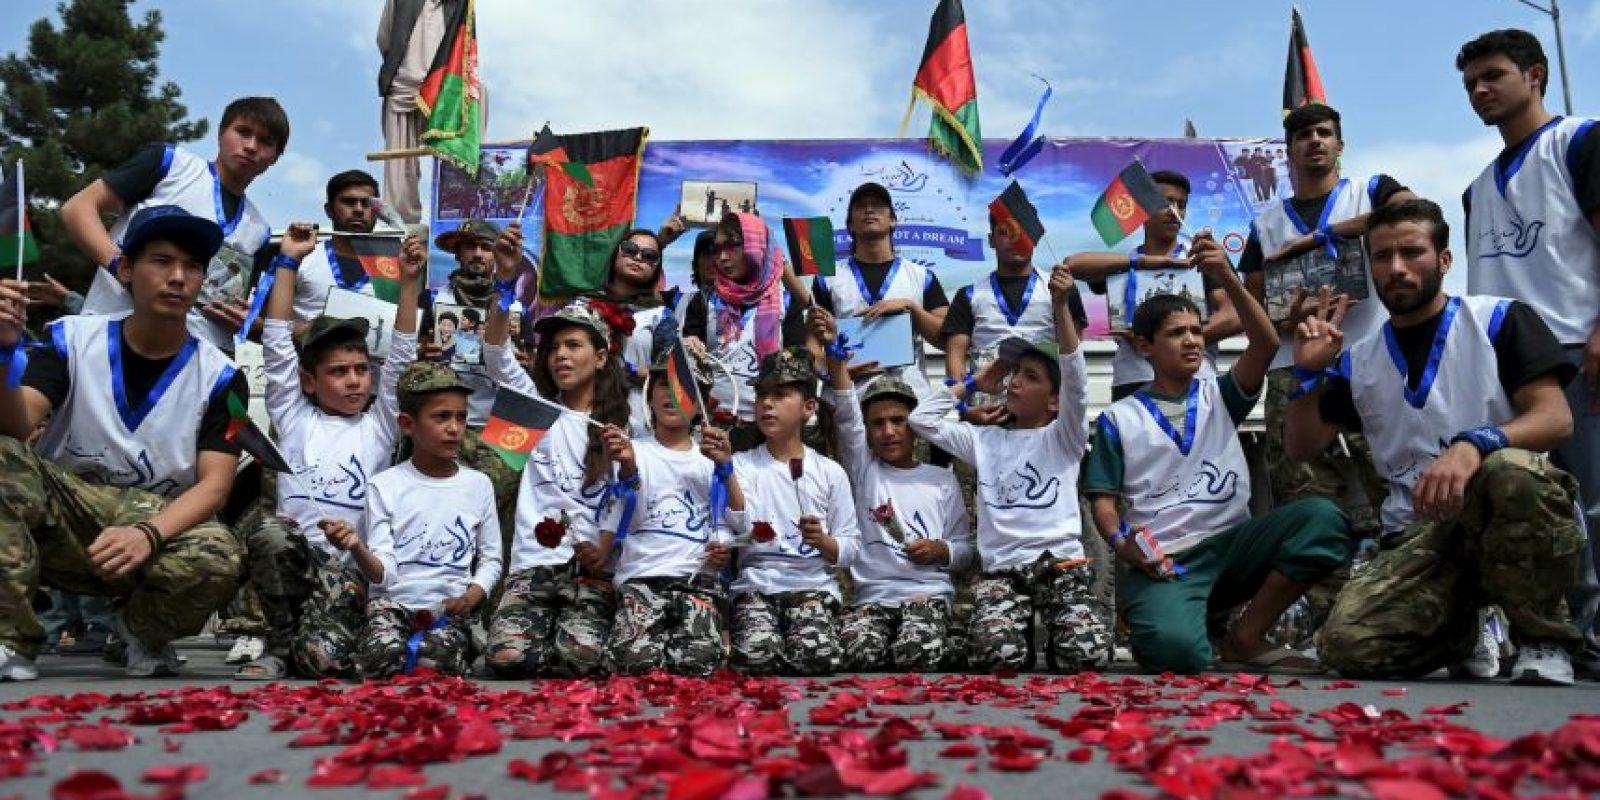 En Afganistán se ondearon banderas nacionales para hacer campaña por la paz. Foto:AFP